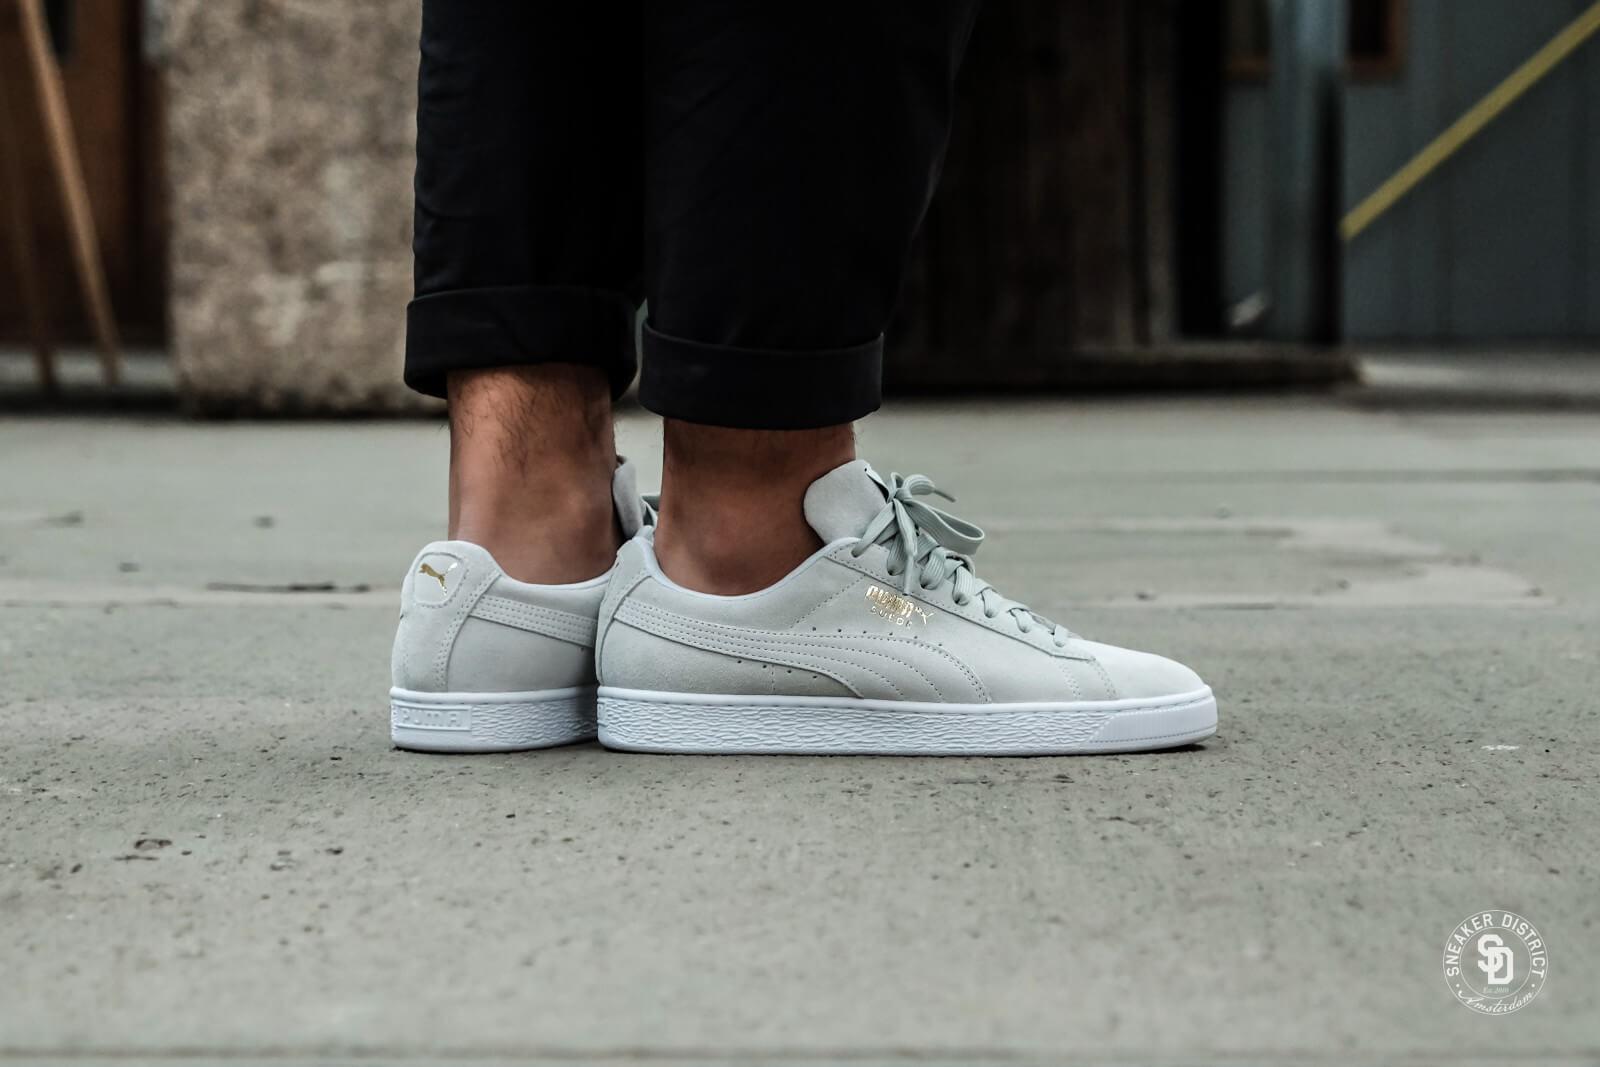 reputable site a609b e4e10 Read Puma Classic Sneakers for Men Reviews and Customer Ratings on ignite  puma. com. Buy Cheap Puma Classic. walk down syndrom puma rihanna suede.